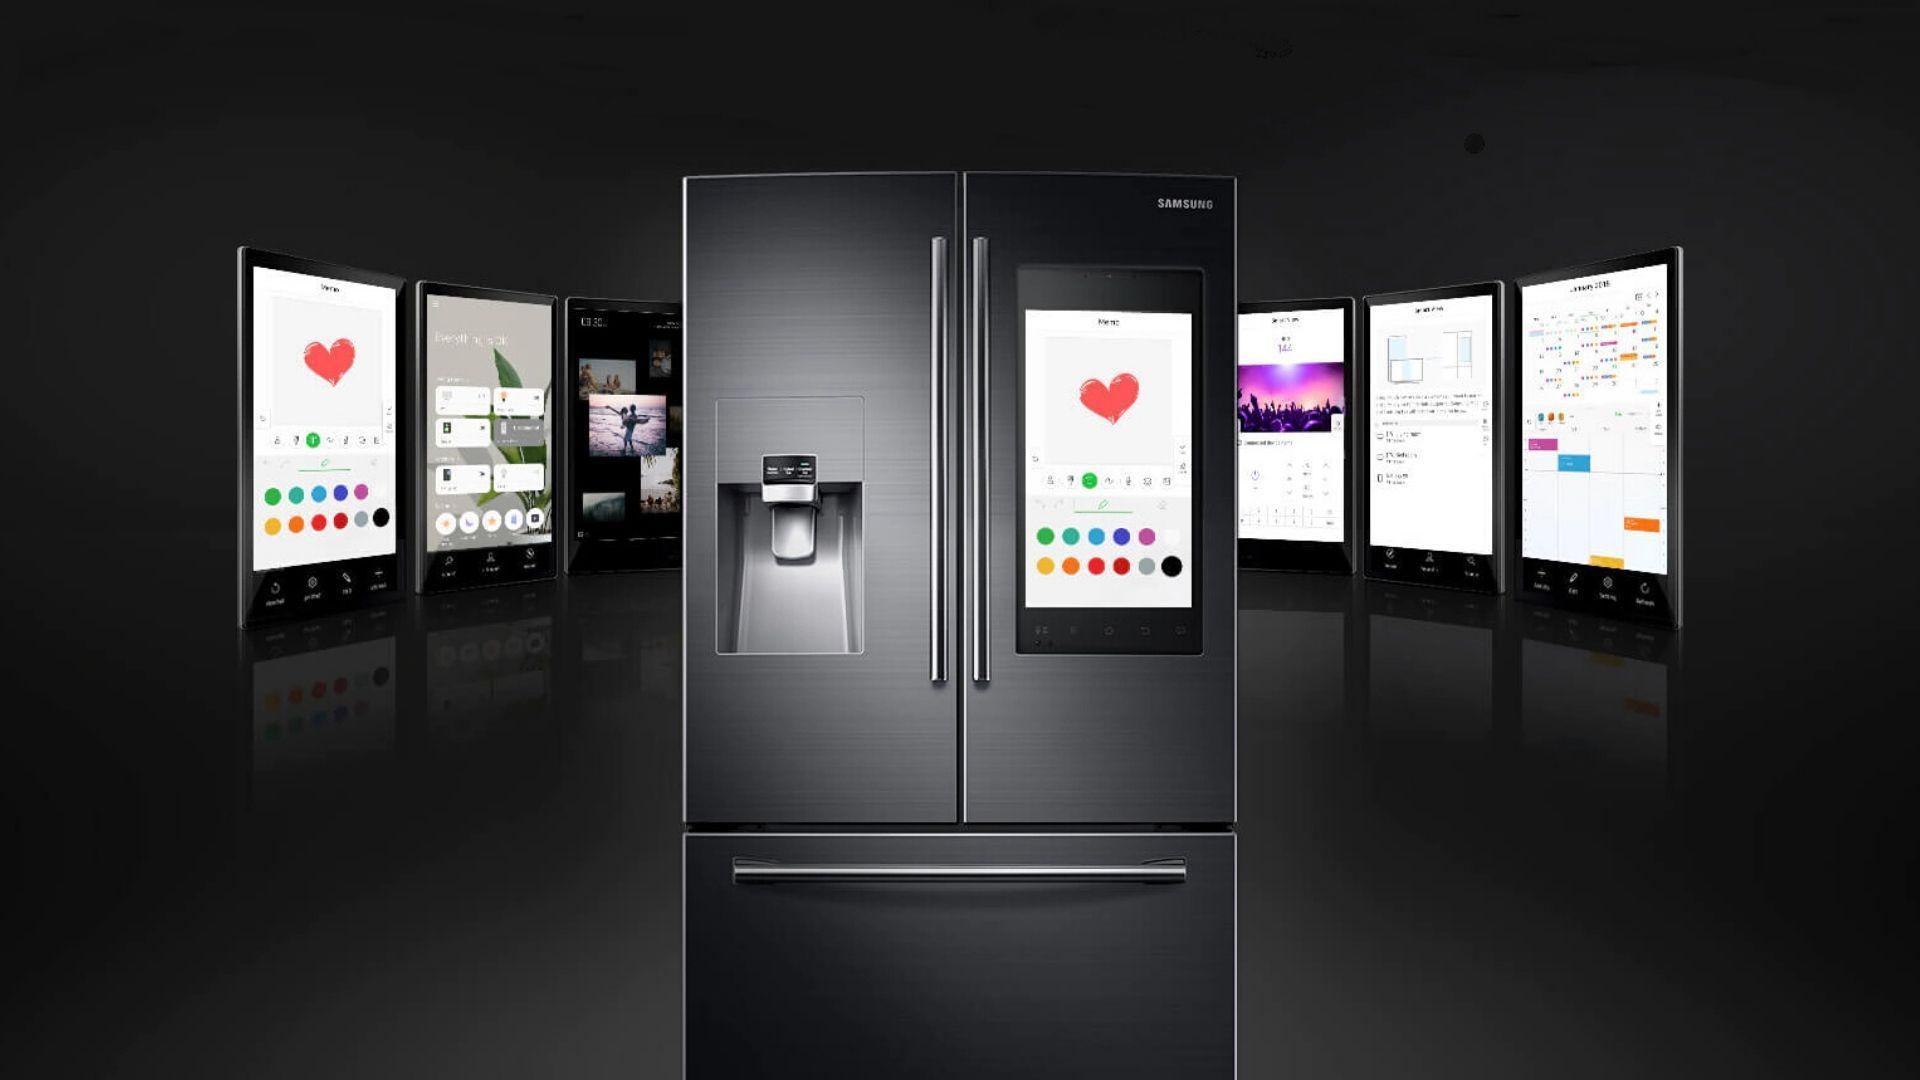 Geladeira Family Hub,d a Samsung, também pode ser controlar e controlar outros aparelhos da casa. (Imagem: Reprodução/Samsung)